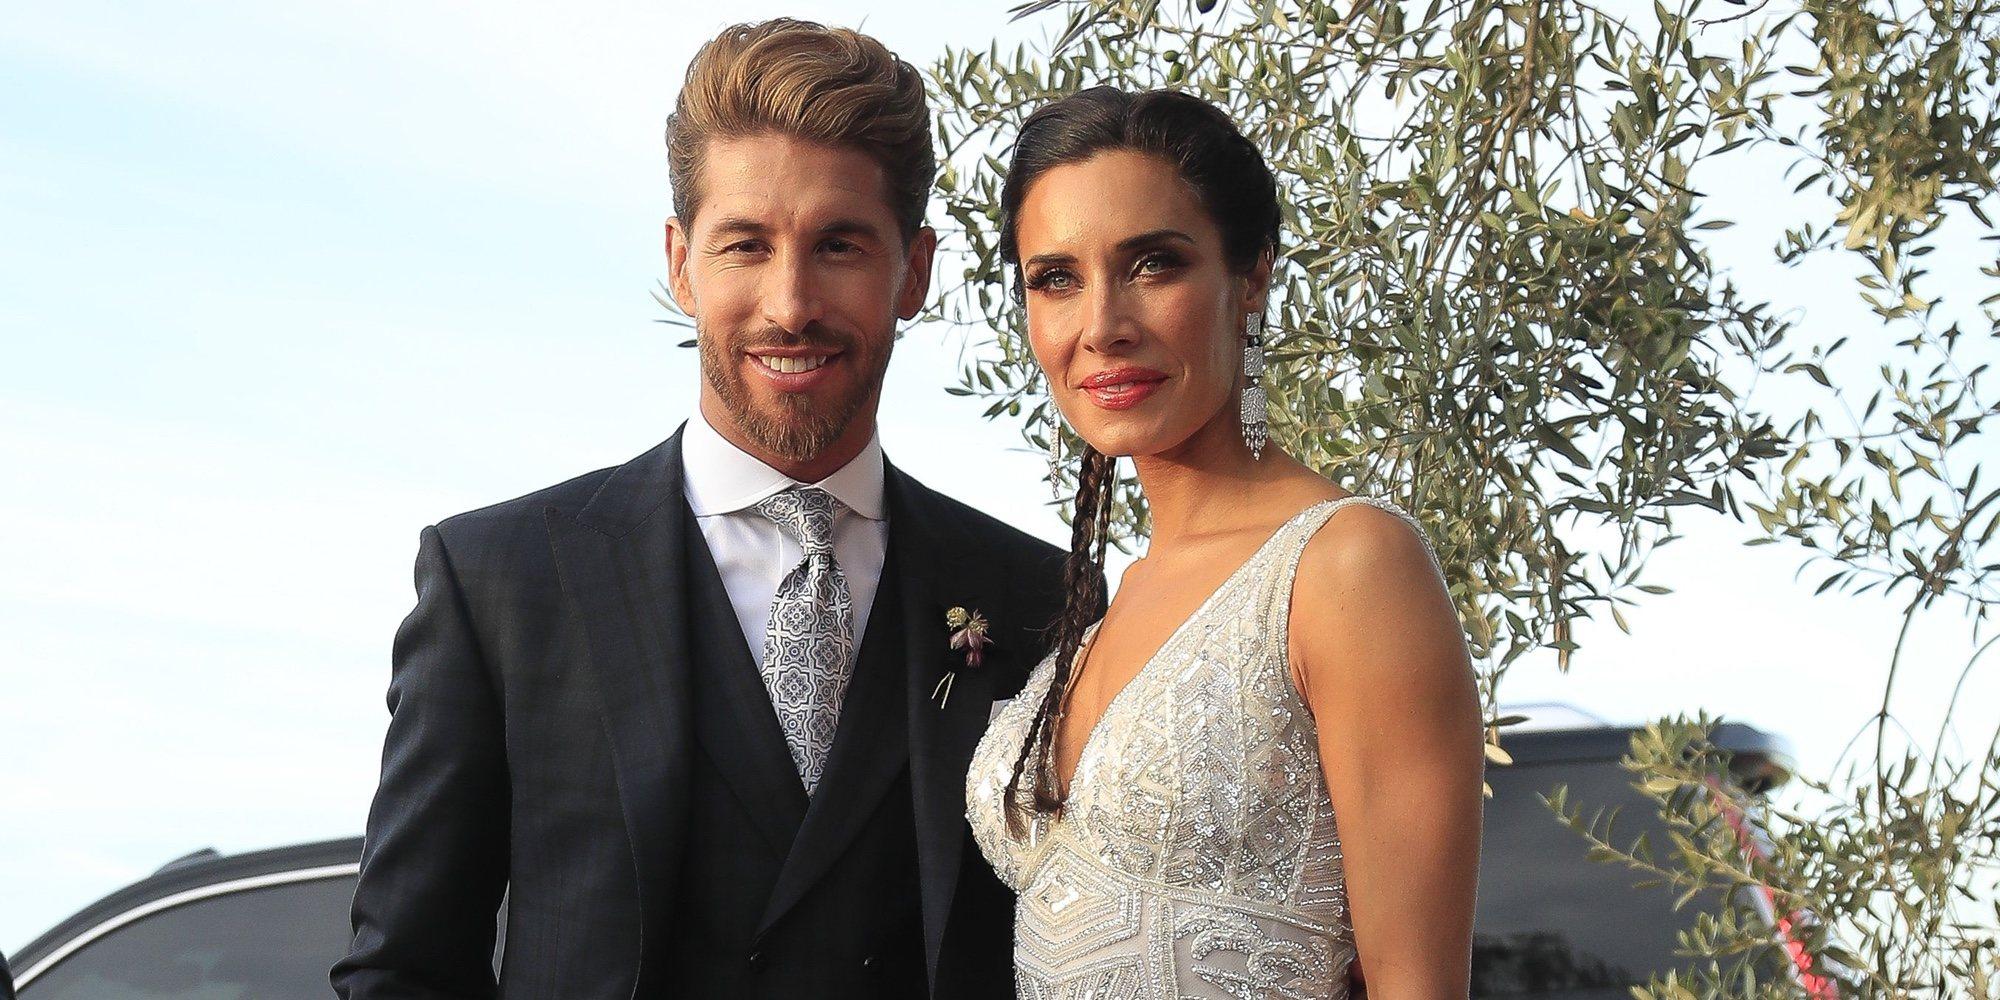 Así fue la espectacular fiesta que montaron Pilar Rubio y Sergio Ramos el día de su boda